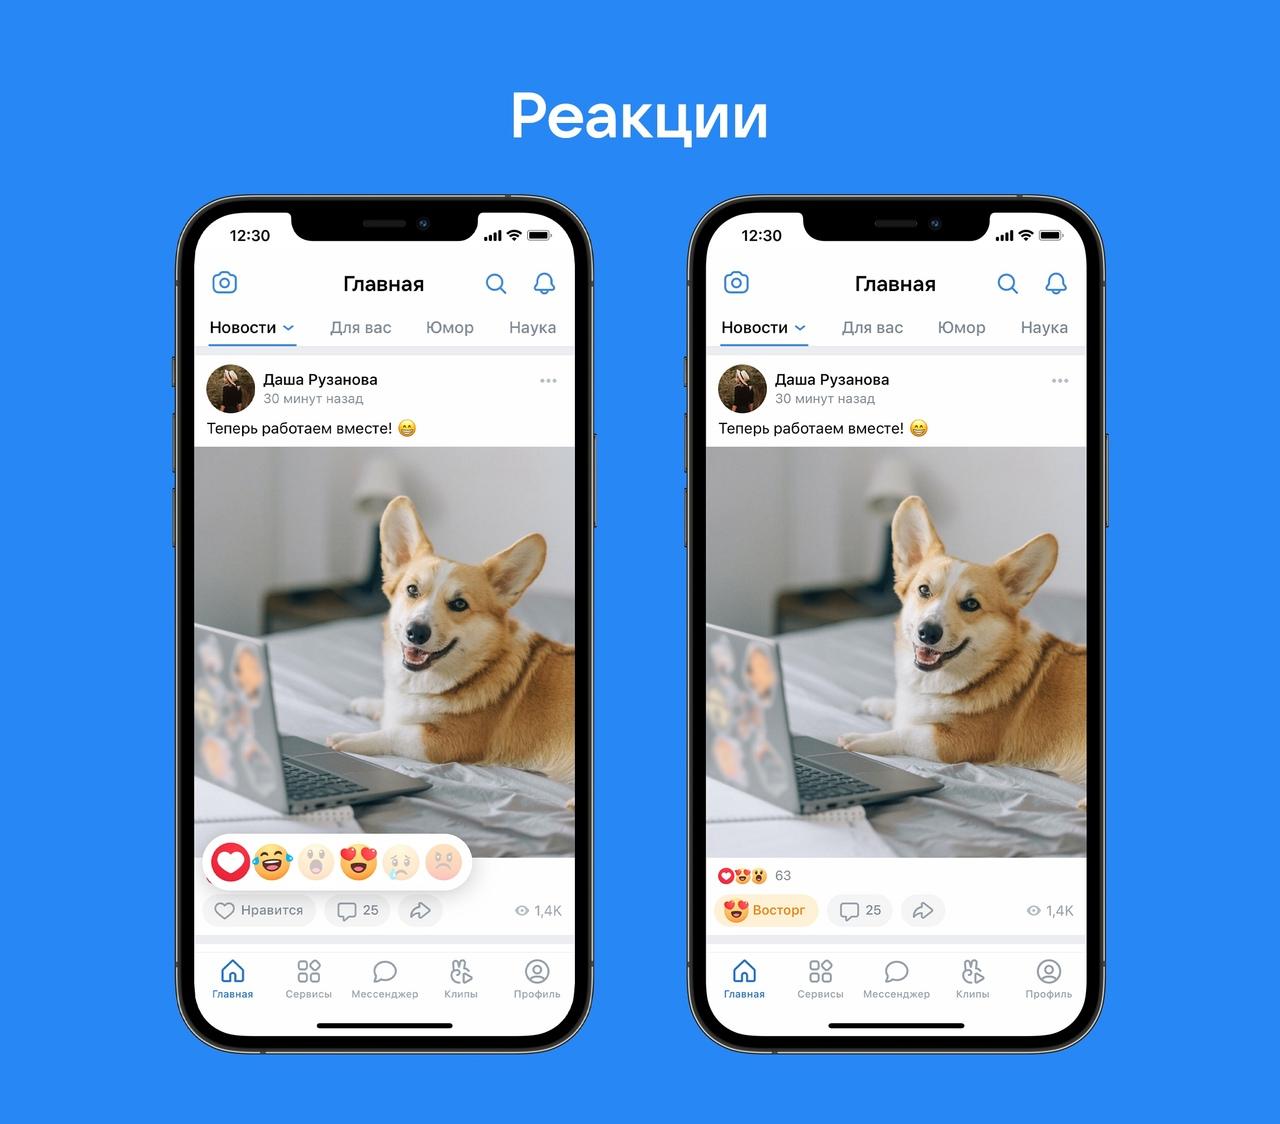 ВКонтакте появились «Реакции»